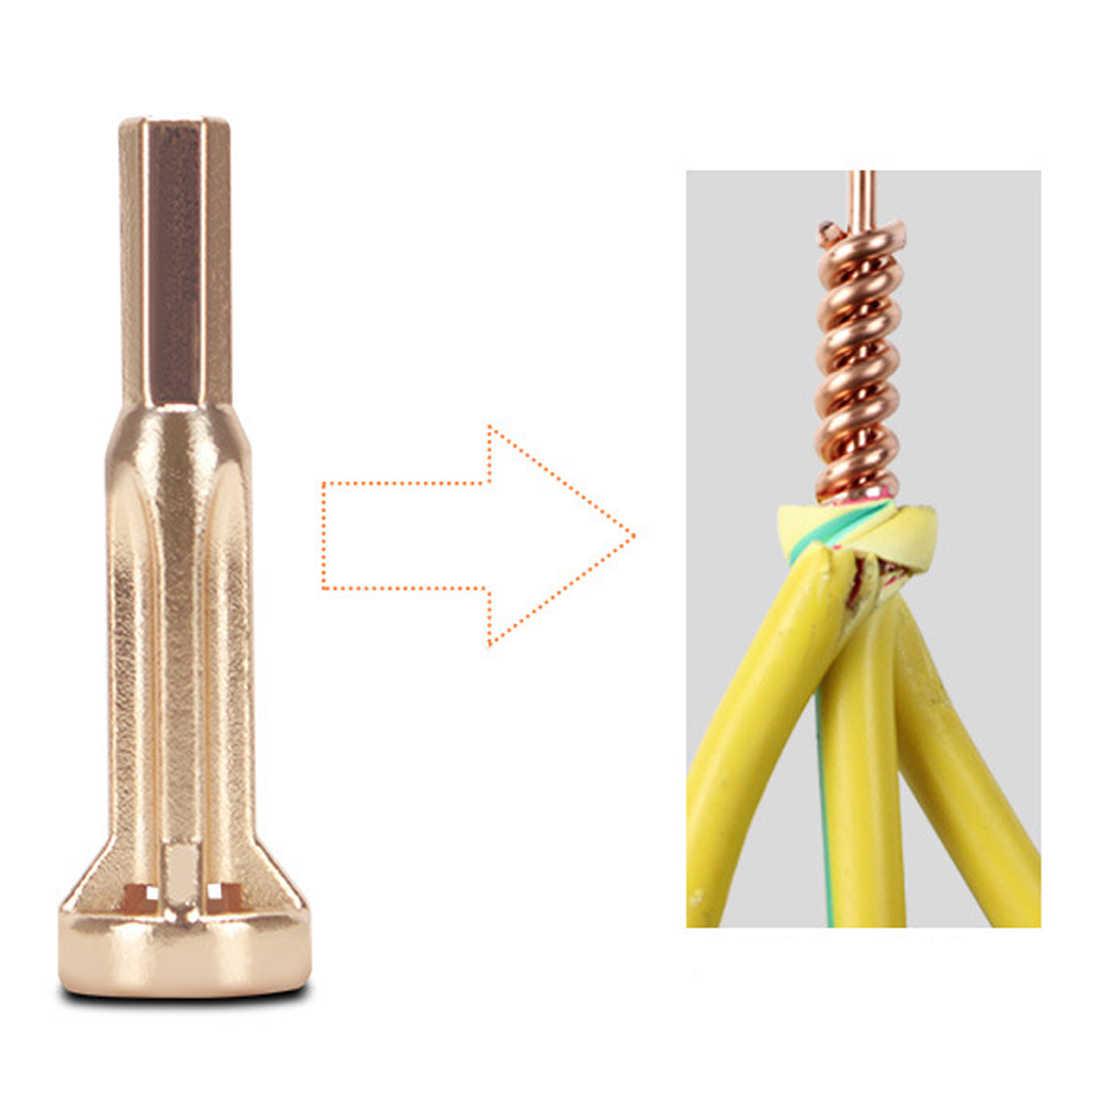 Электрический спиральный провод инструмент 2 ~ 5 отверстий электрик Универсальный автоматический скрученный провод зачистки двойной разъем машины